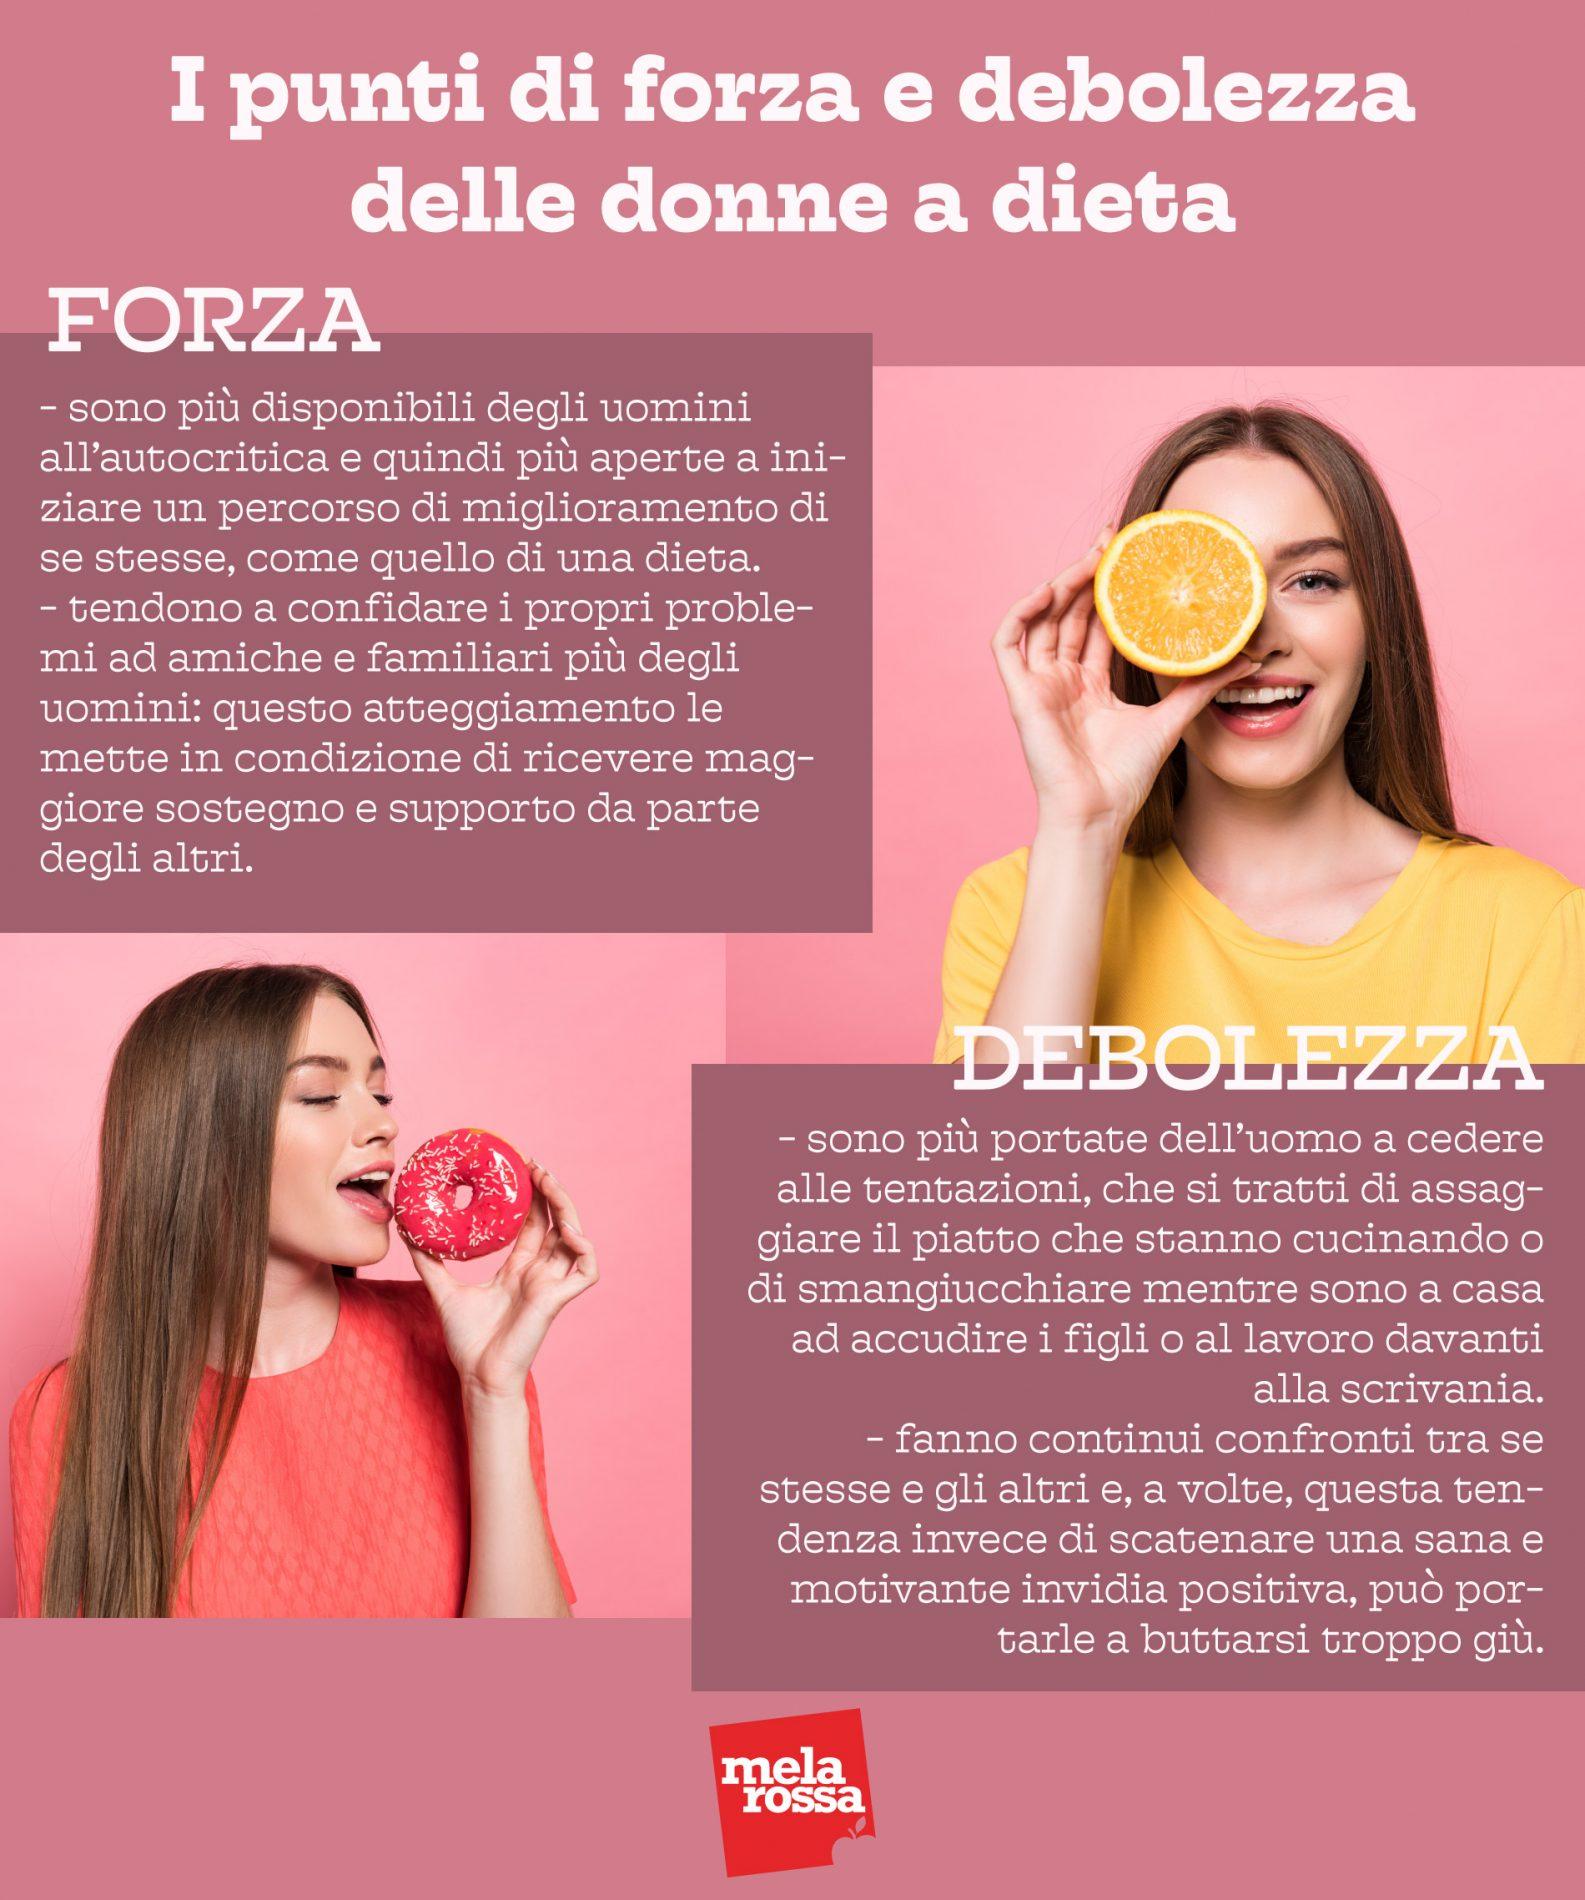 dieta di coppia: punti di debolezza e di forza delle donne